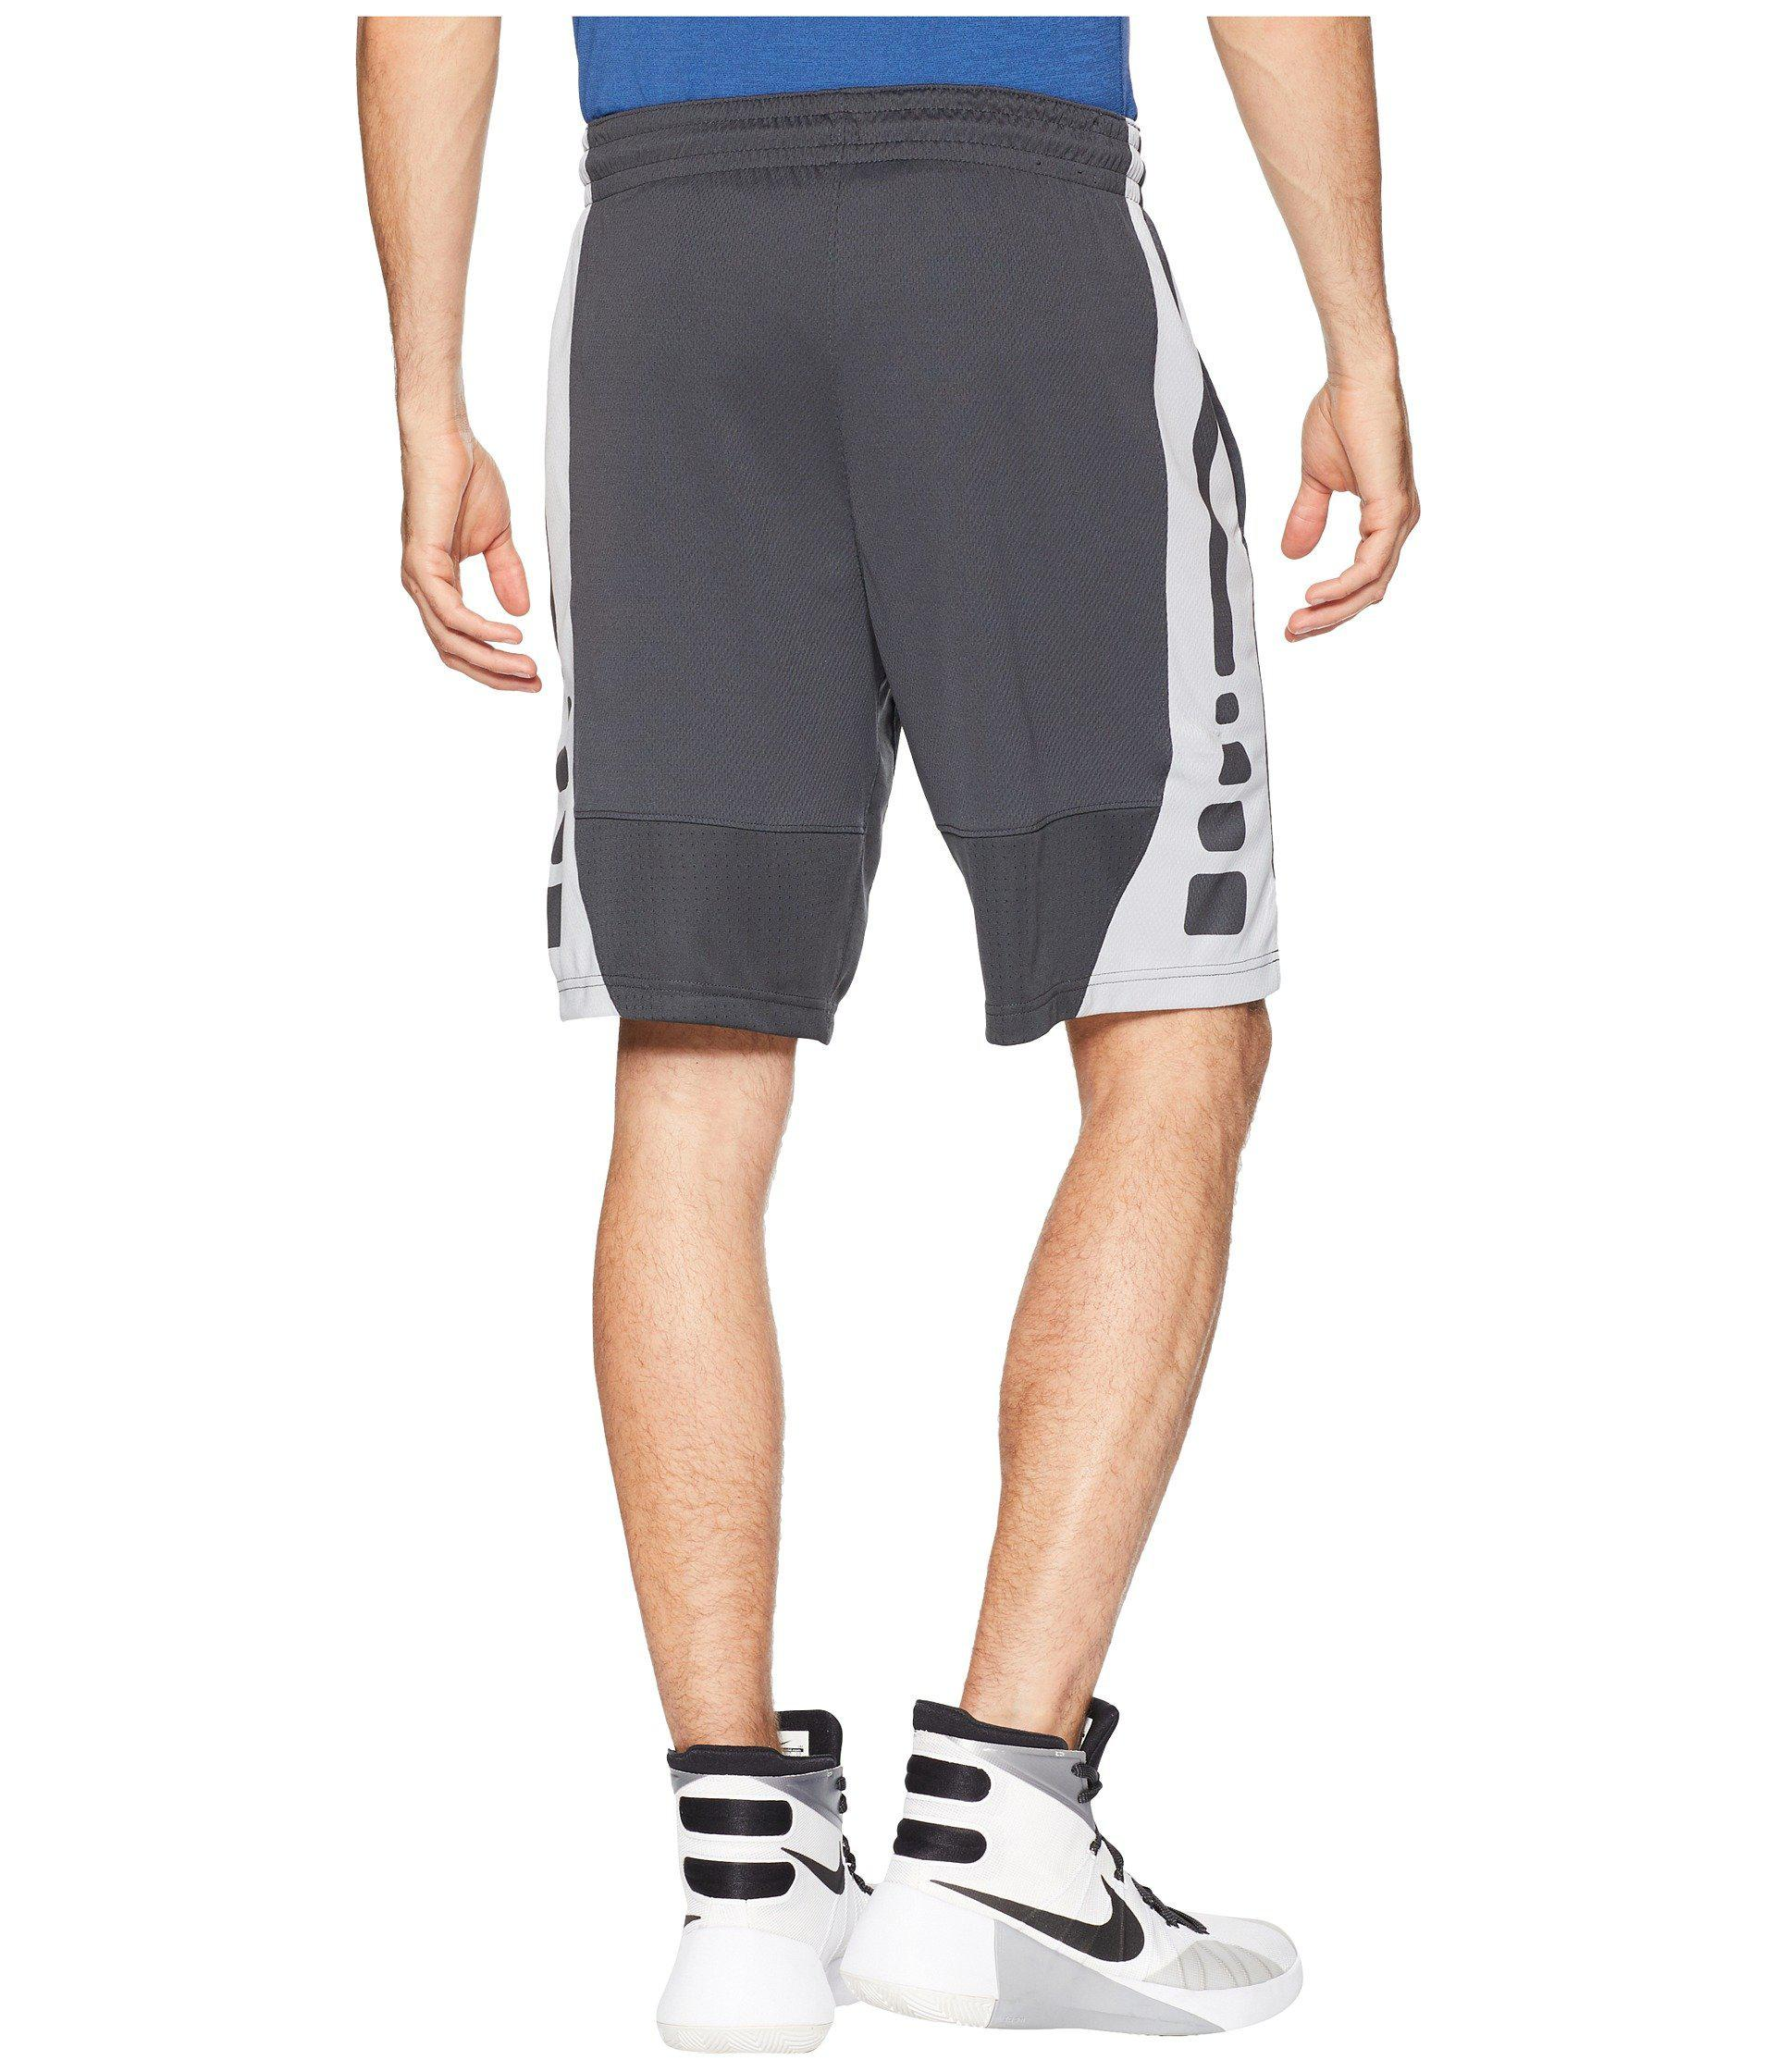 f10584e6fbd9 Nike - Gray Elite Stripe Basketball Short for Men - Lyst. View fullscreen